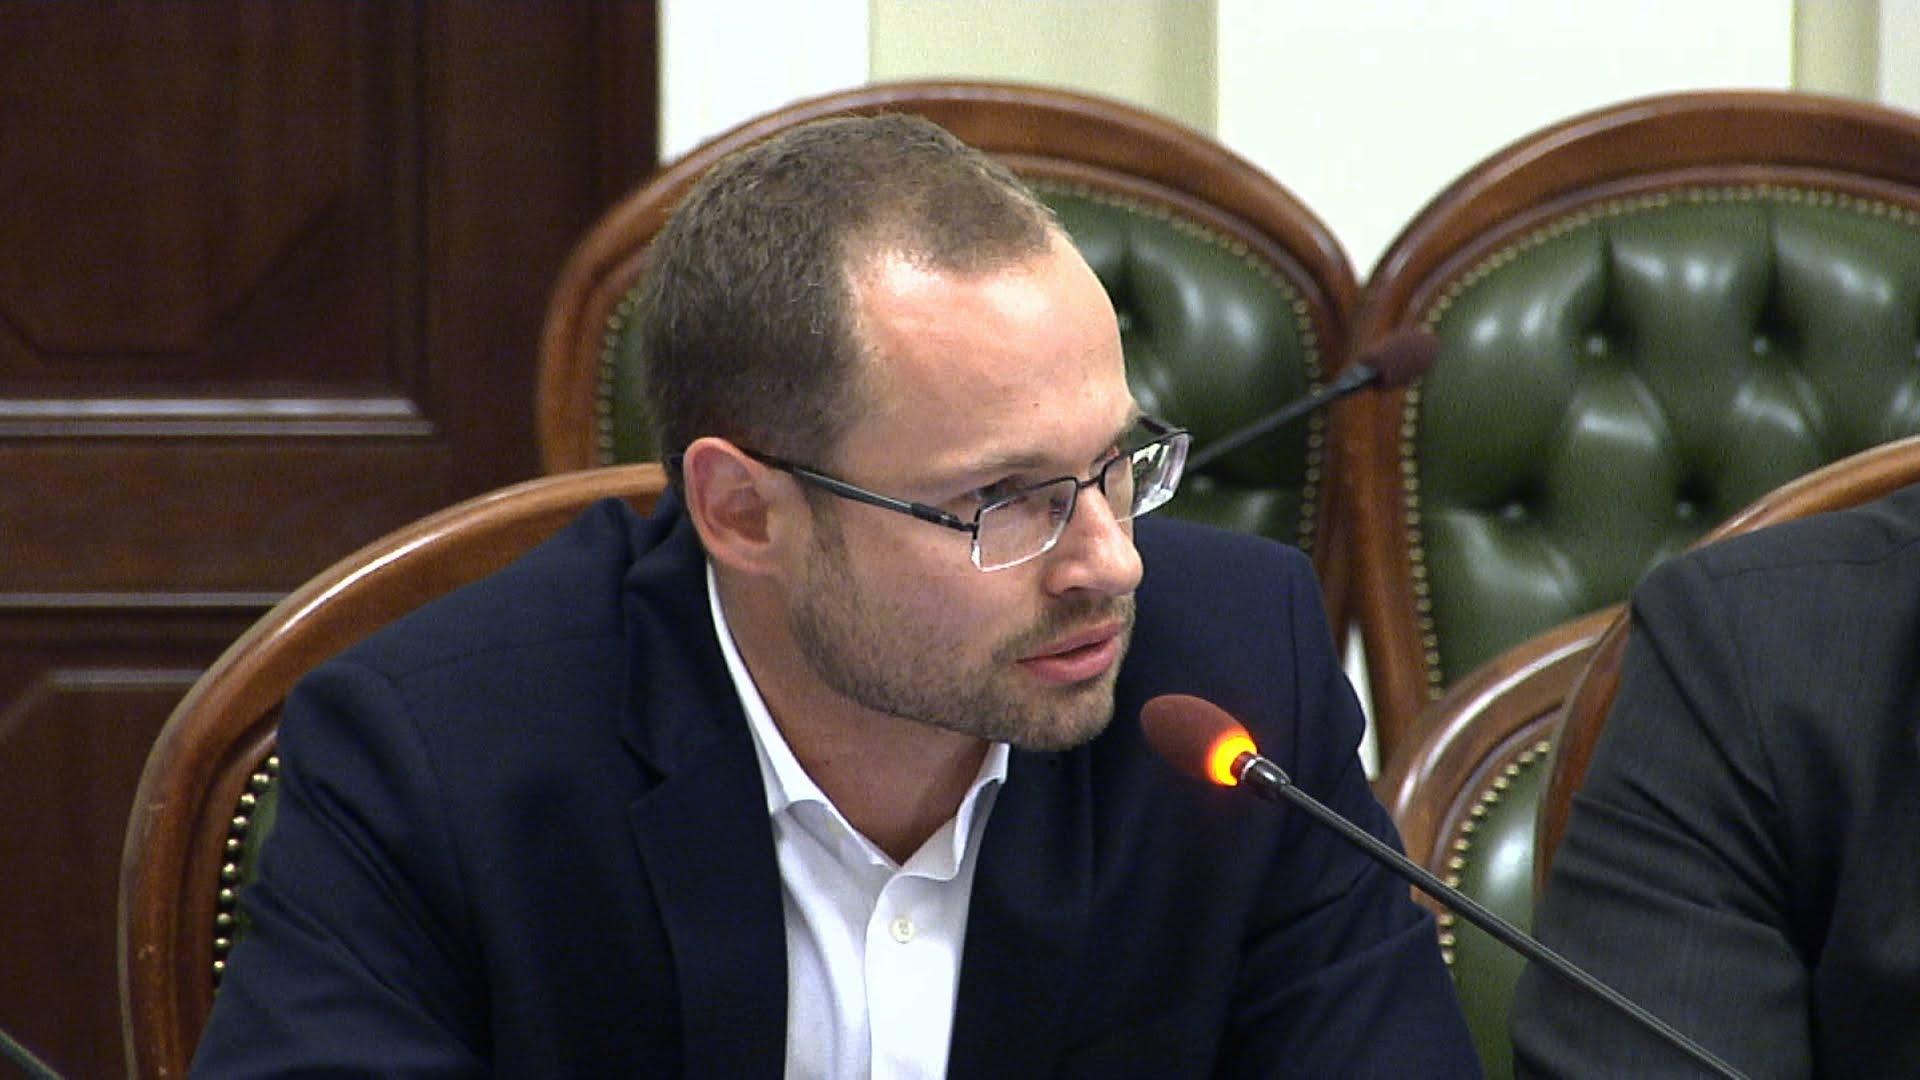 ГПУ должна расследовать политическую коррупцию в деле о покупке Лещенко элитного жилья — Пинзеник